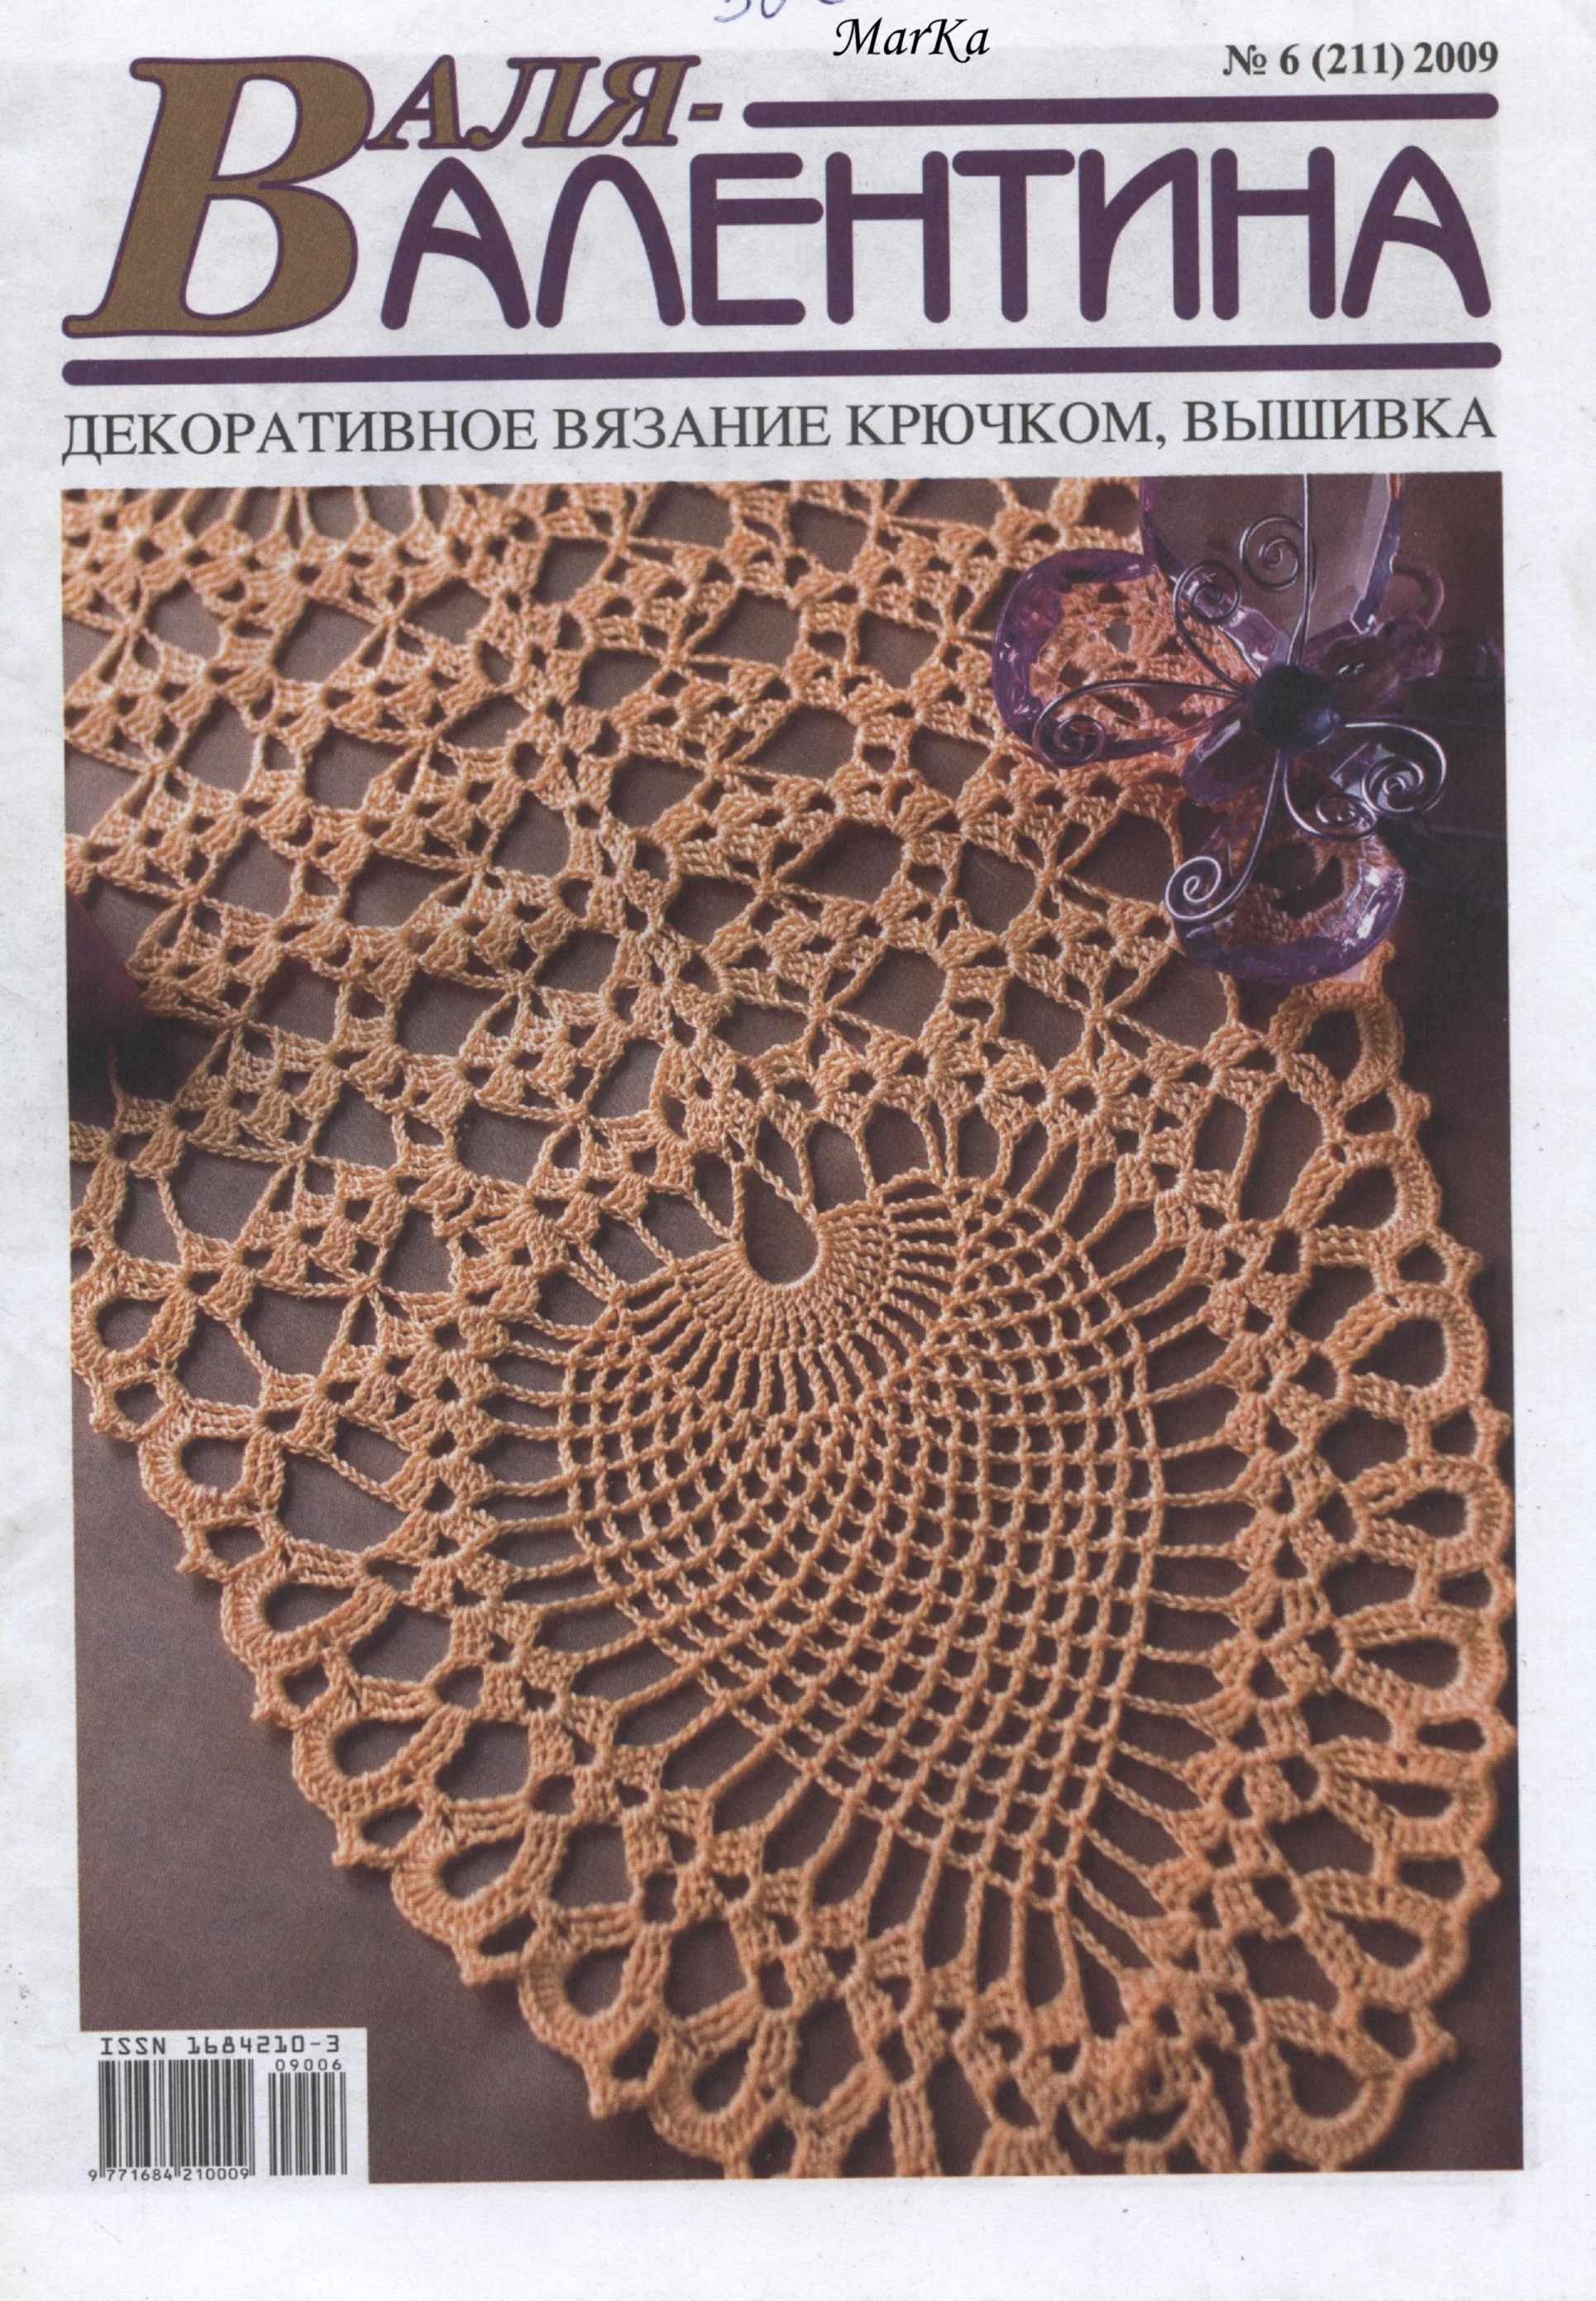 Журналы по вязанию крючком валя-валентина